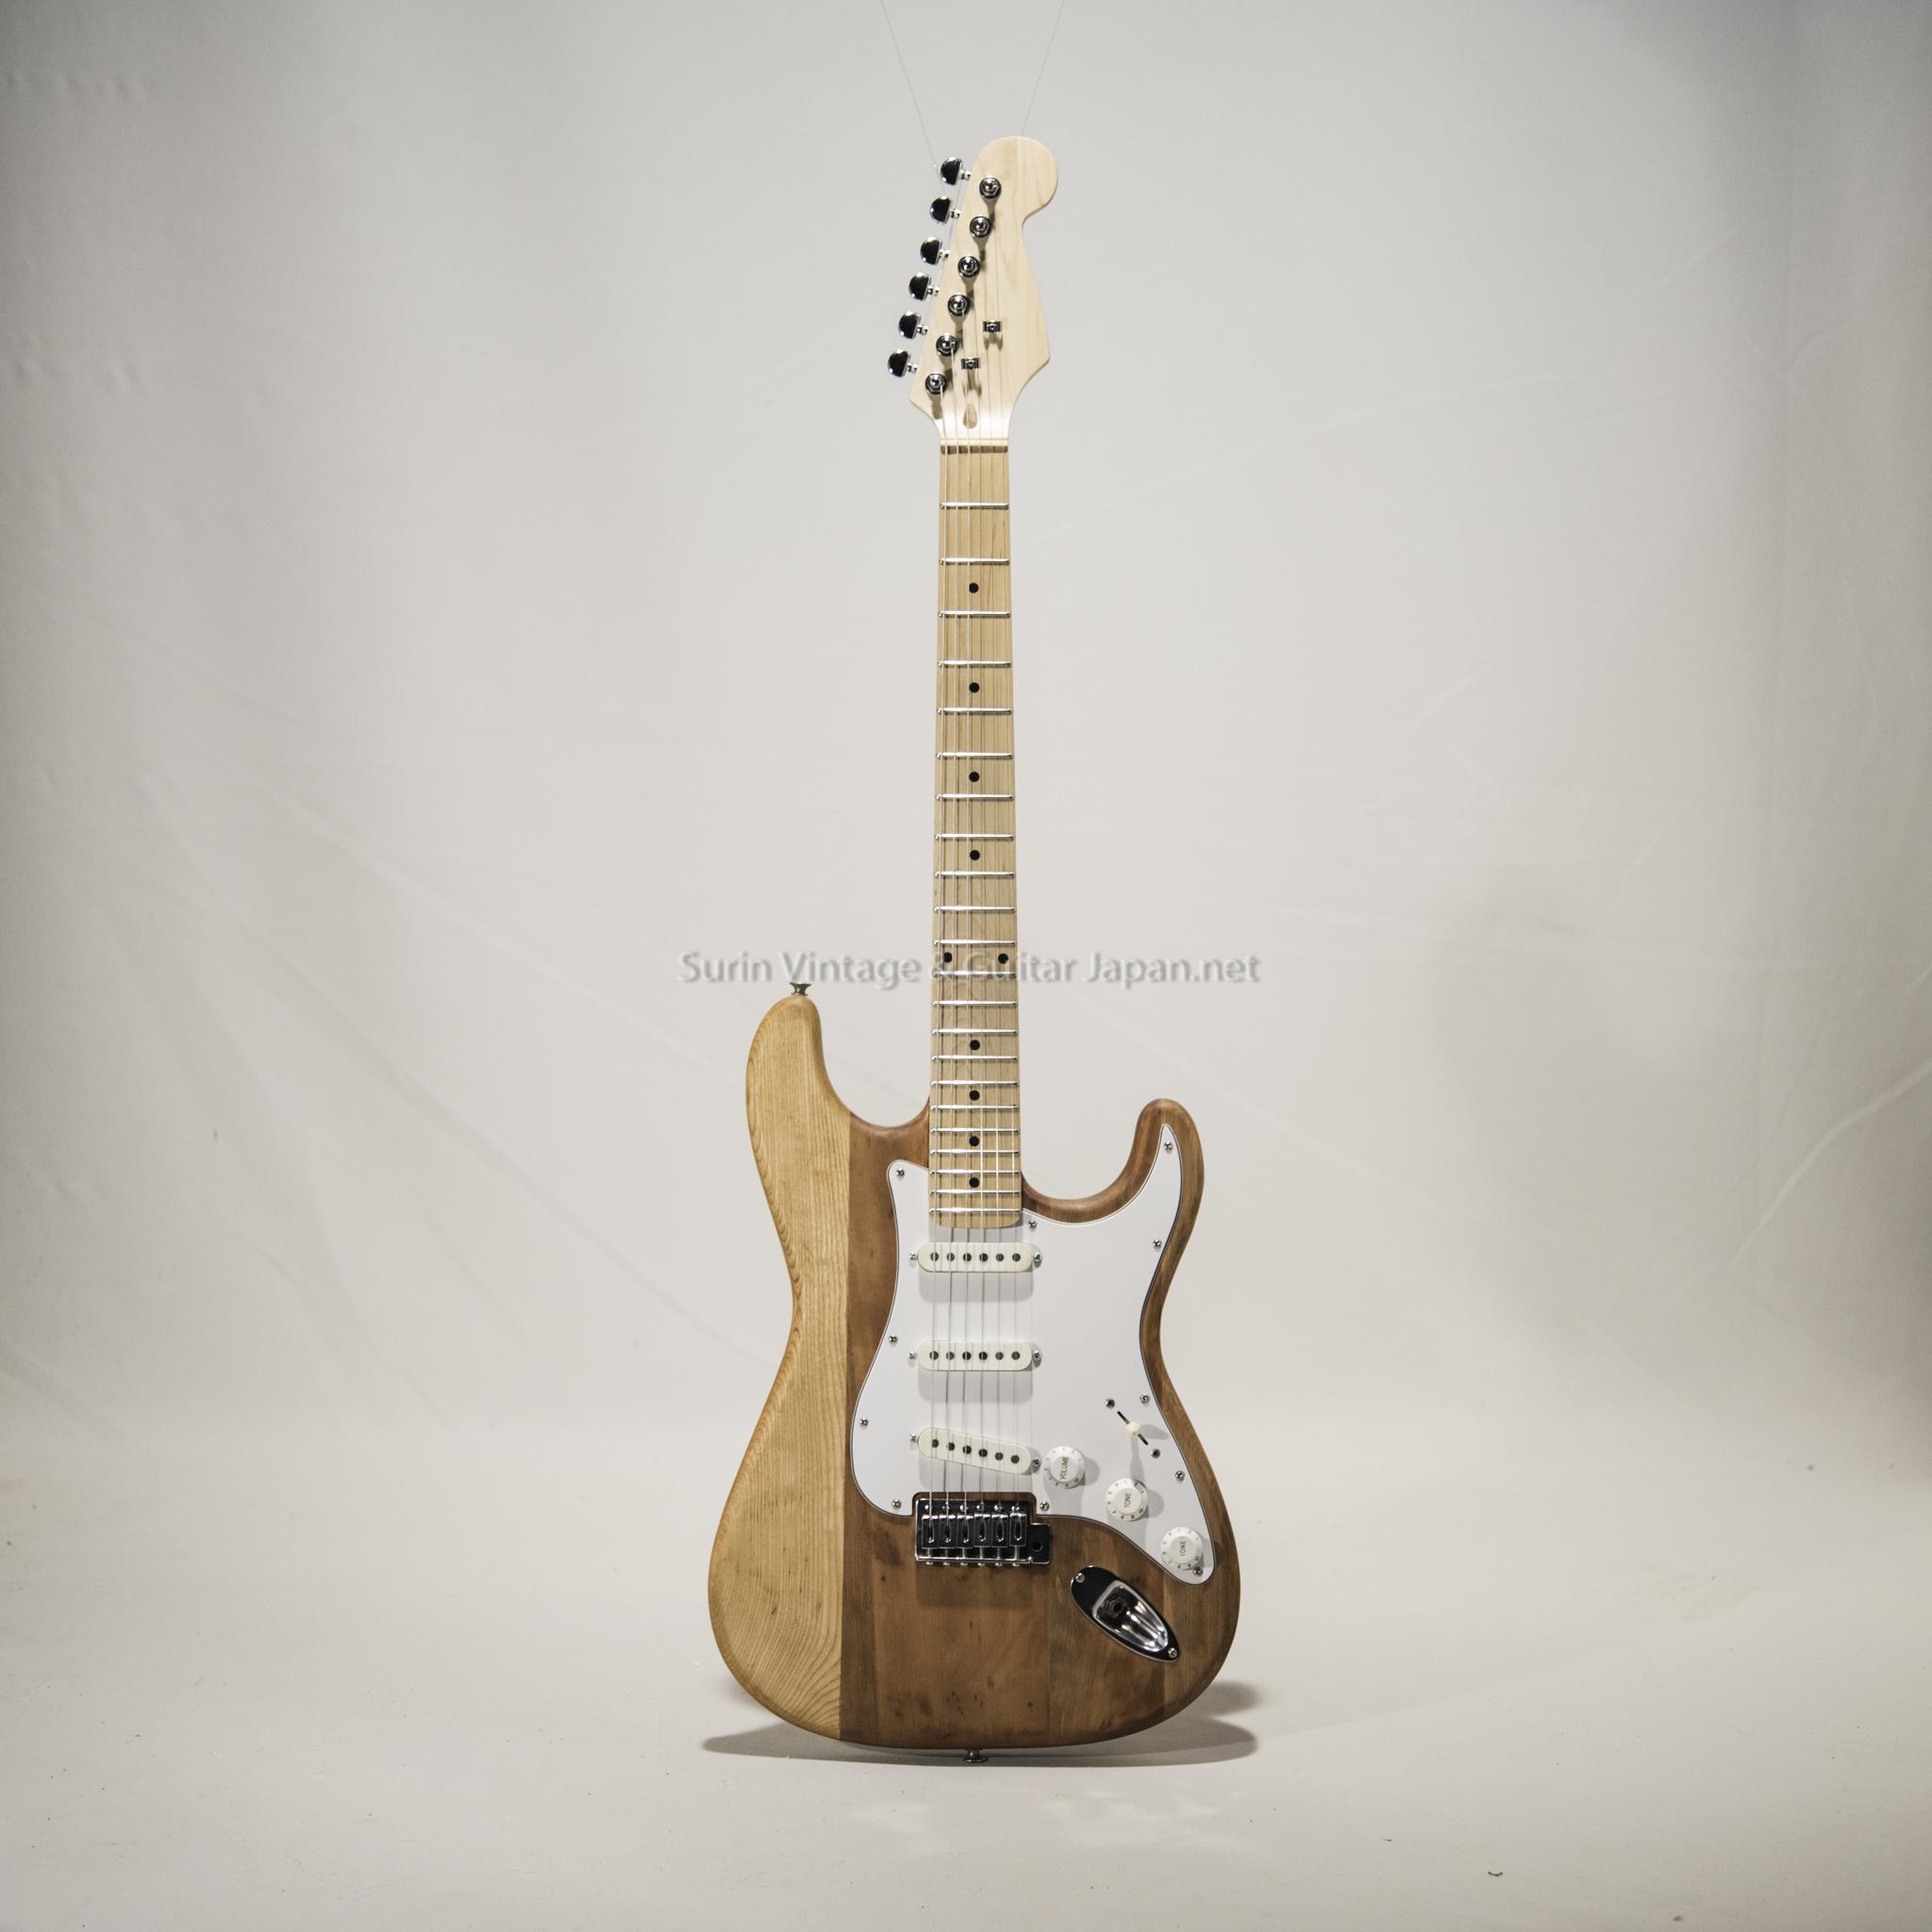 กีต้าร์ไฟฟ้ามือสอง Stratocaster Modify No.56